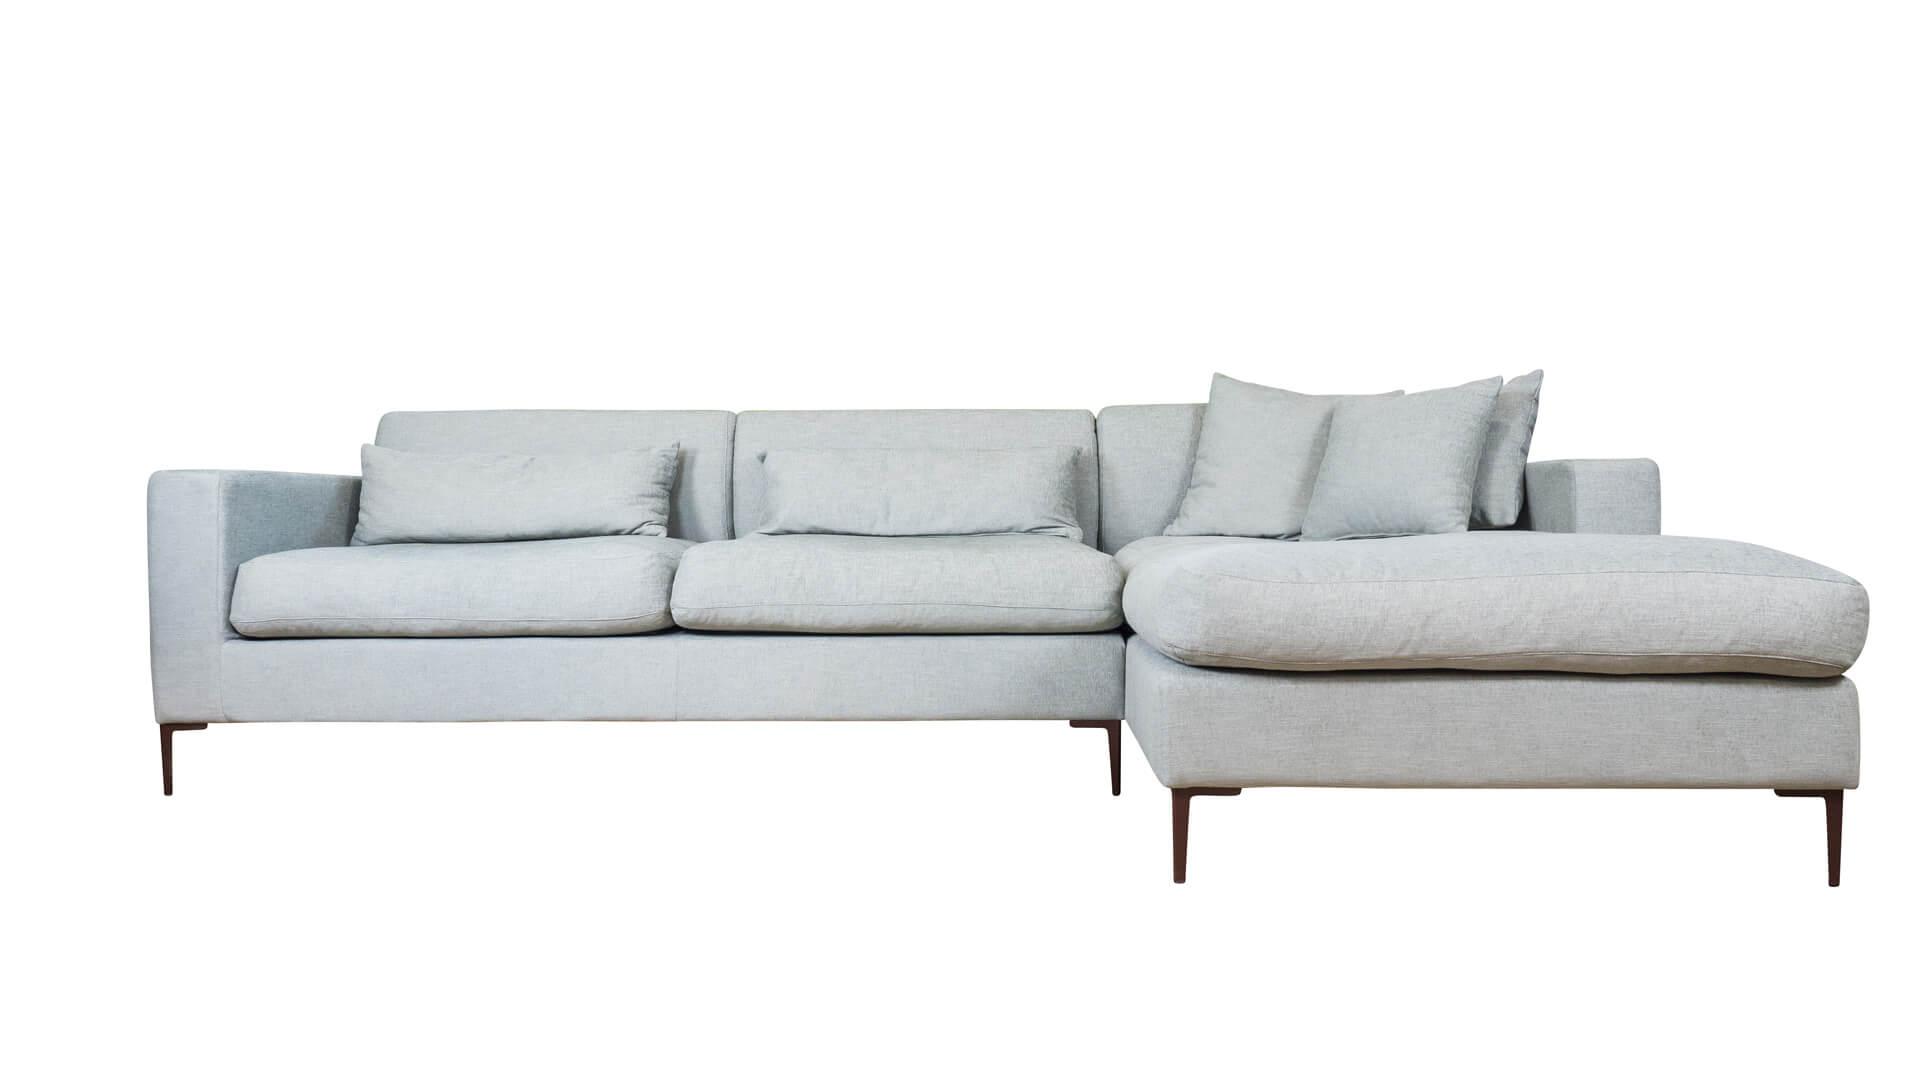 Full Size of 3 Sitzer Sofa Mit Relaxfunktion Bett 140x200 Günstig Günstiges Rahaus Günstige Regale Rolf Benz Husse Luxus Schilling Kissen Kaufen Schillig Aus Matratzen Sofa Sofa Günstig